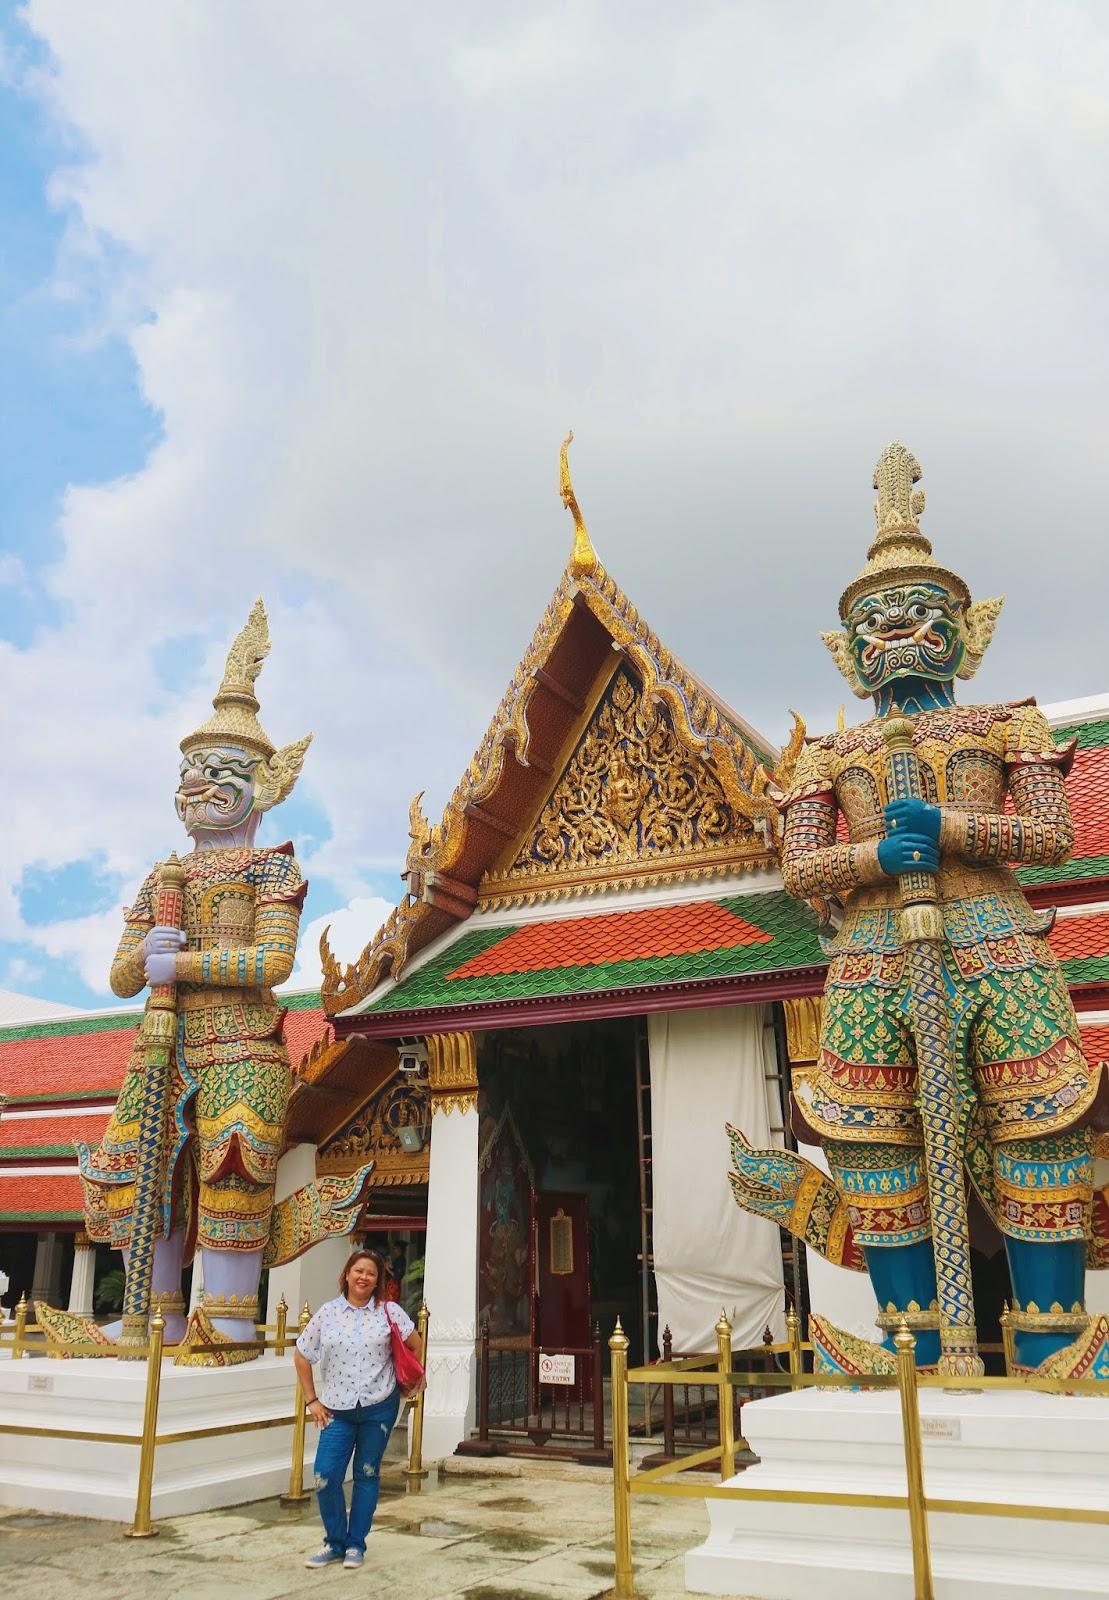 gigantic statues